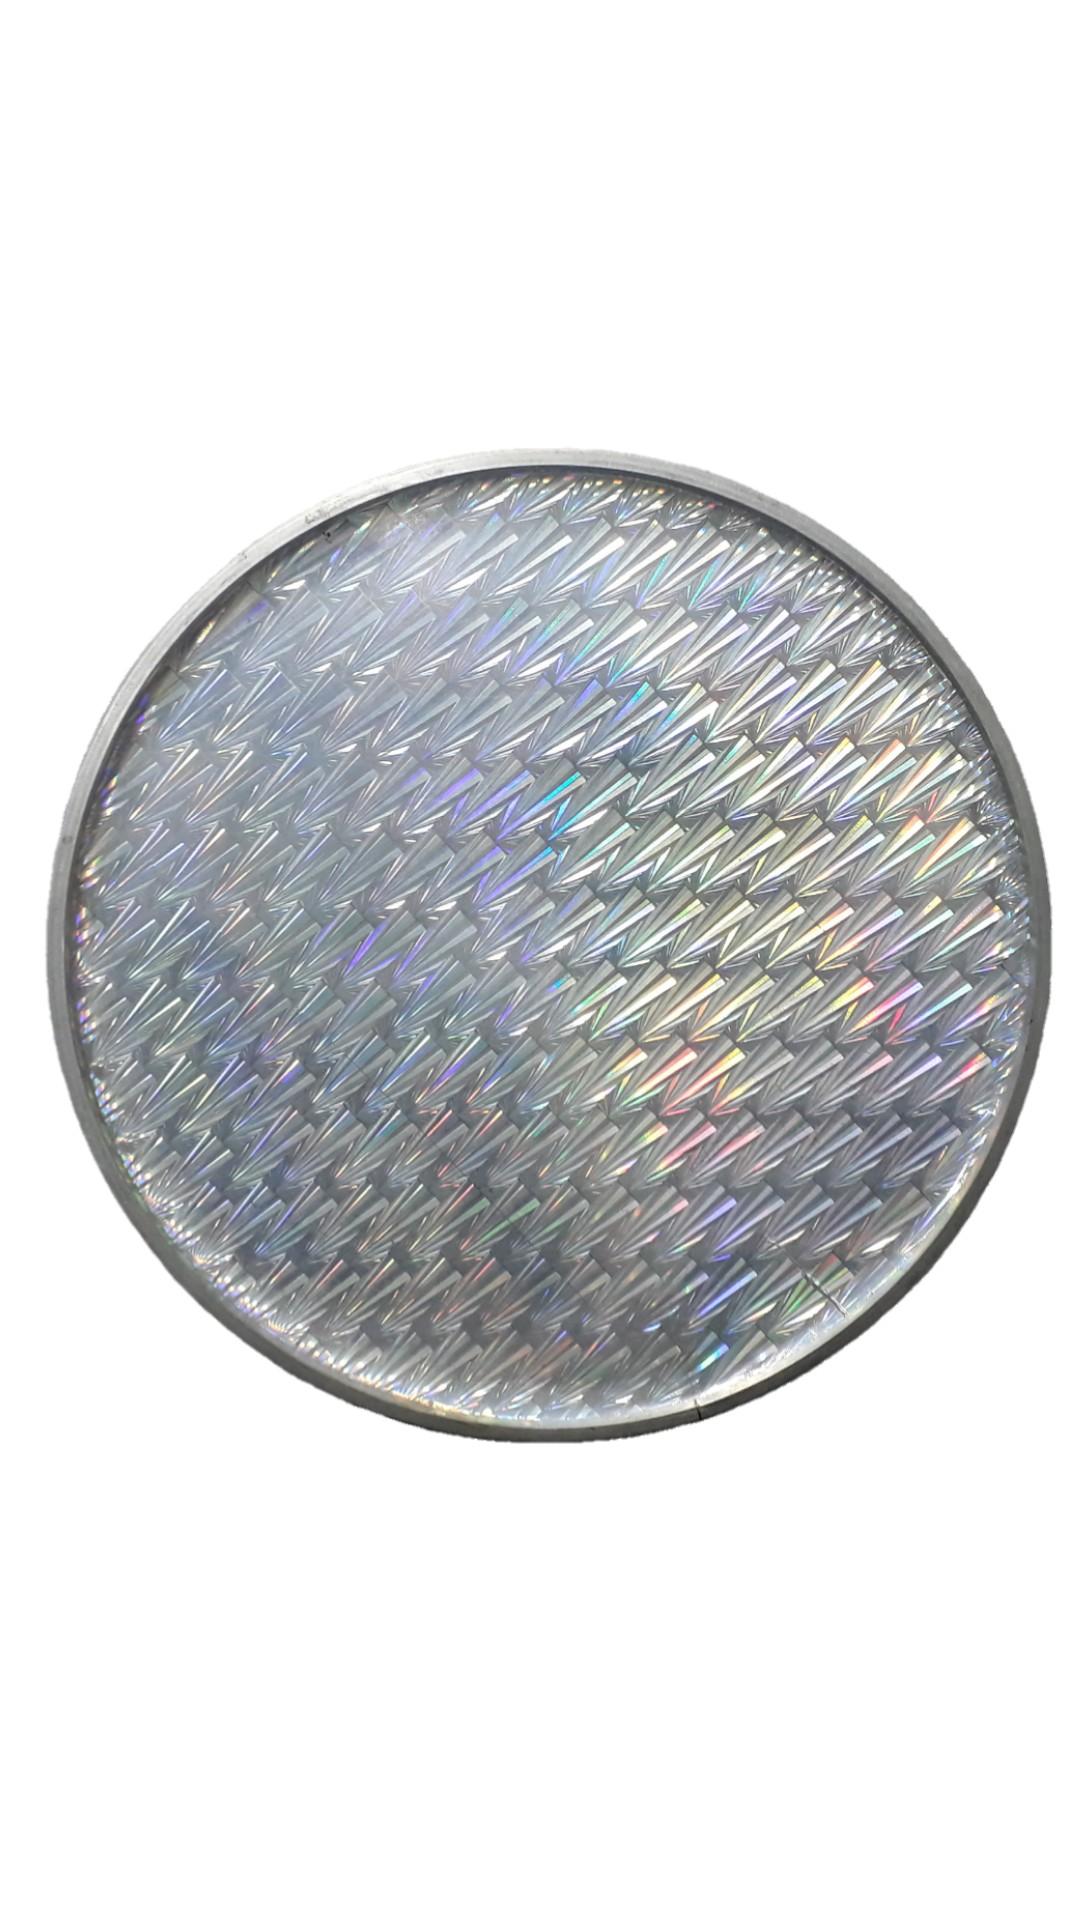 Pele 13 RMV Espelhada